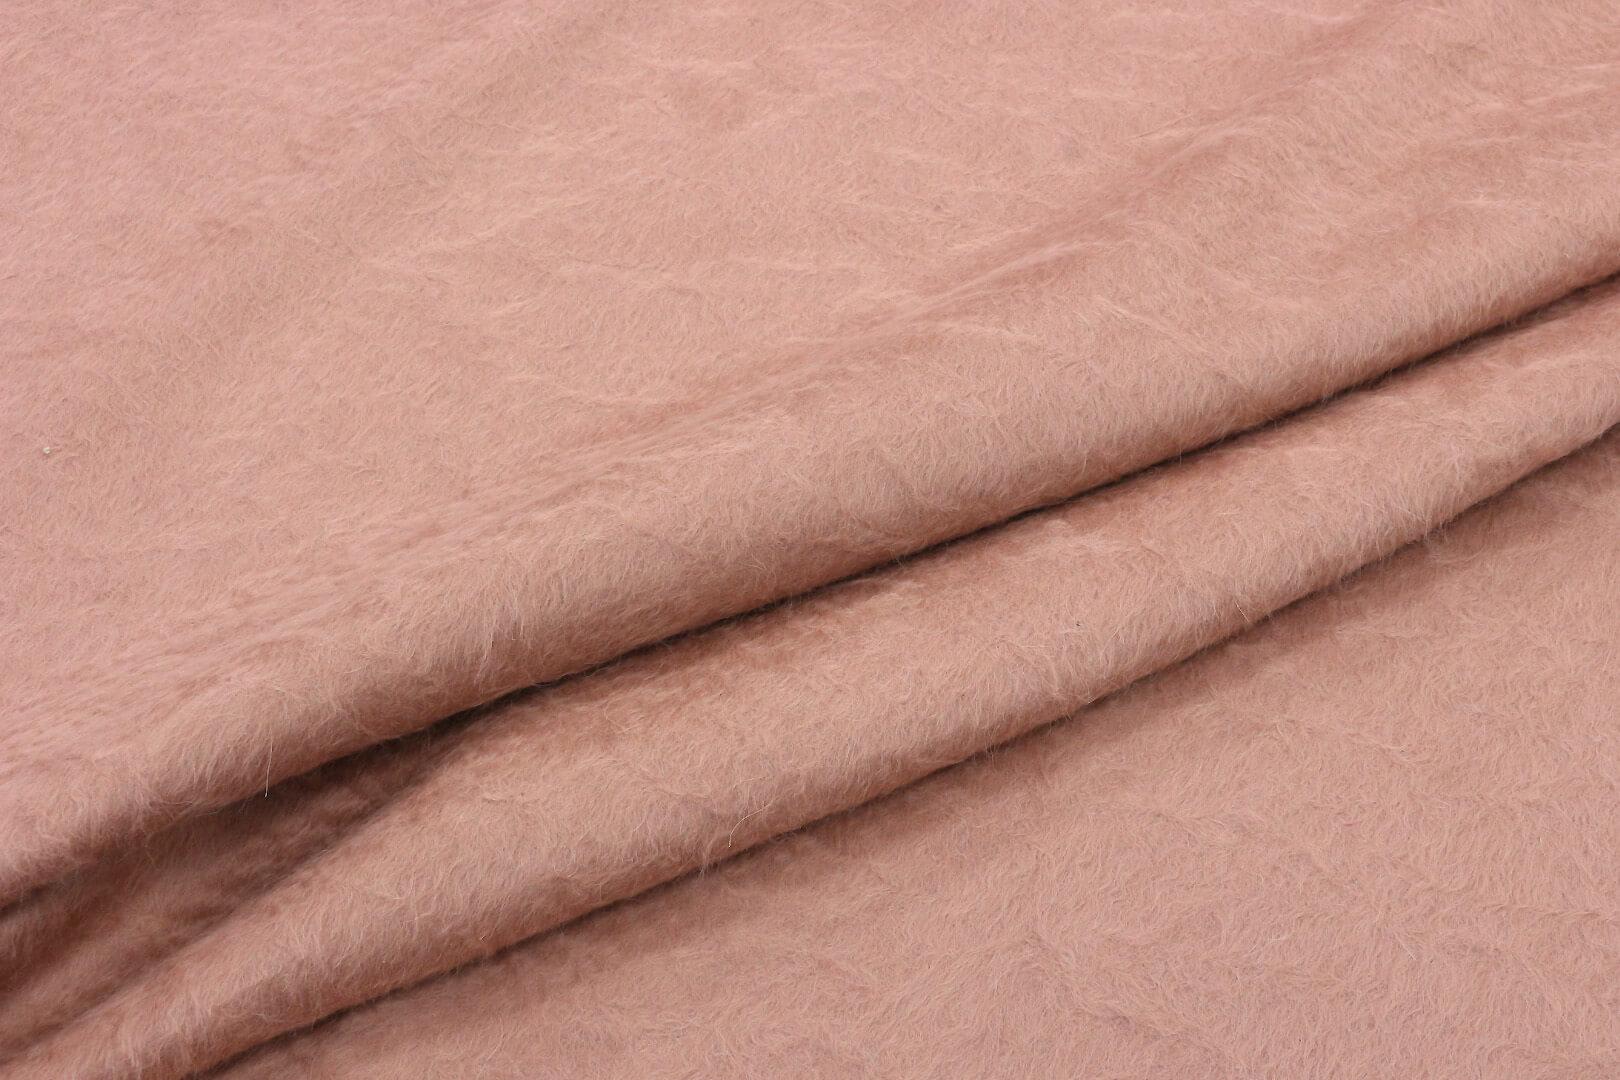 23ca688c8489 Tkanissimo.ru - купить Пальтовая ткань из ламы PIACENZA (артикул 002 ...